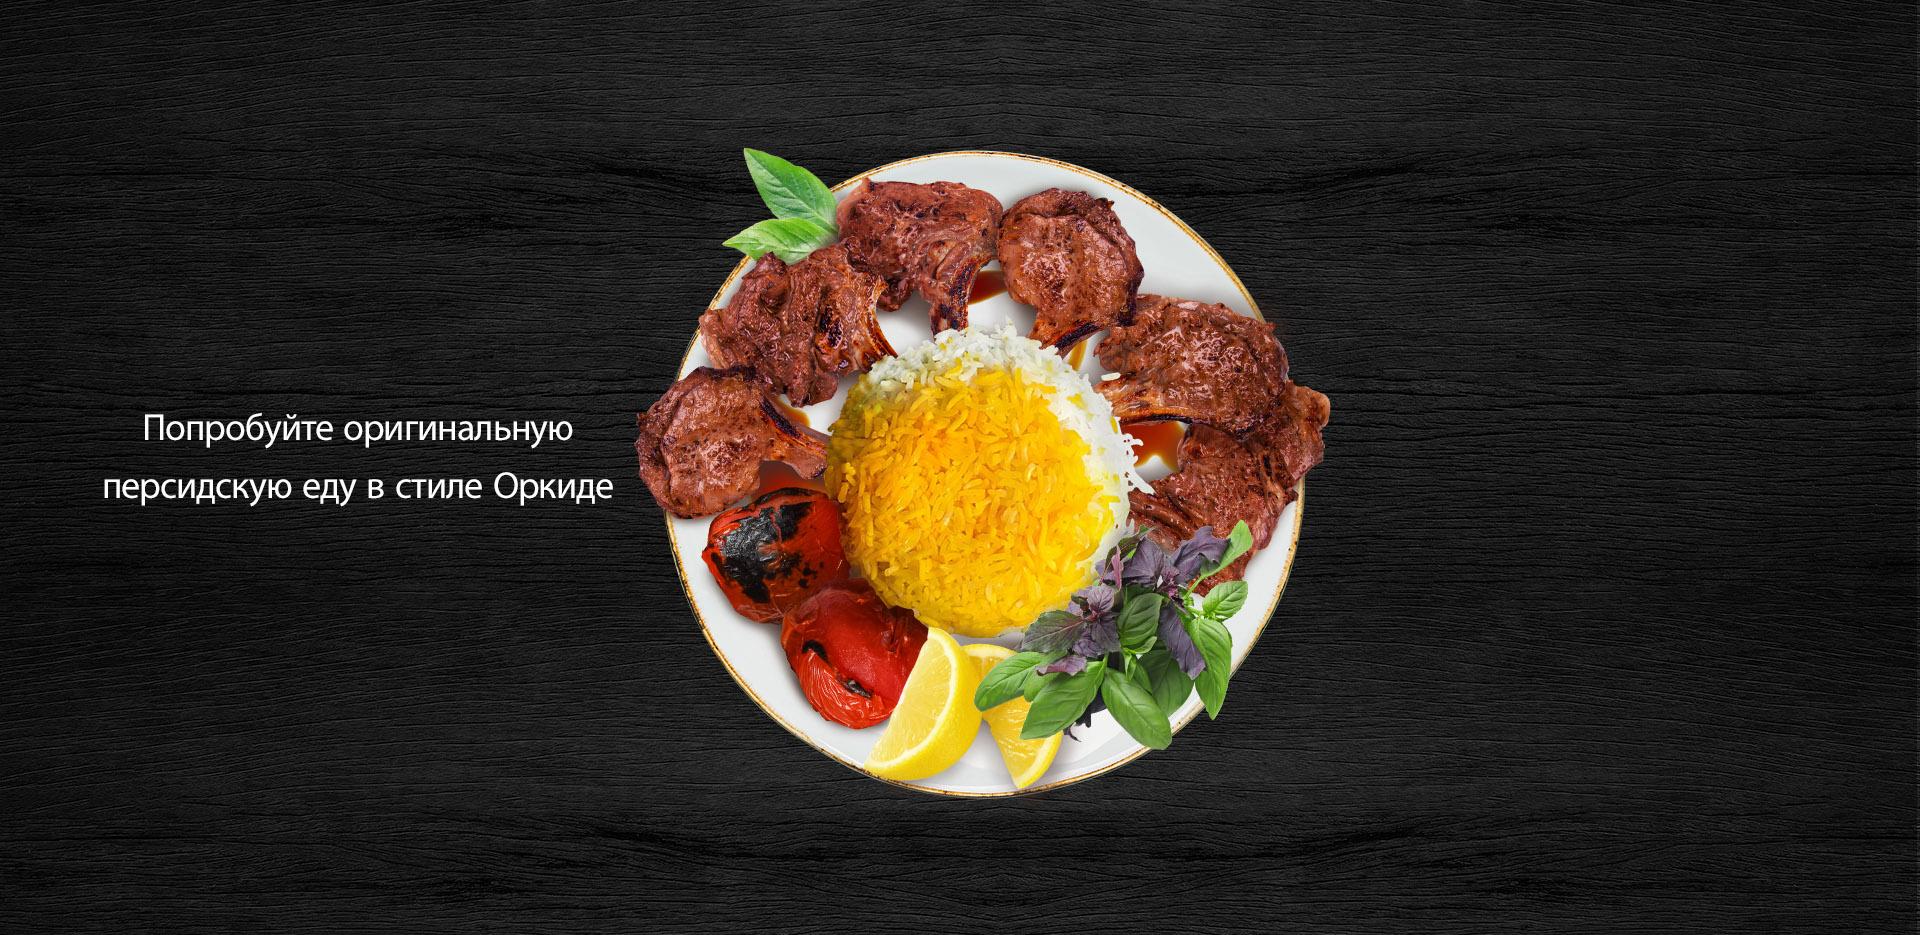 رستوران ارکیده Orkideh restaurant